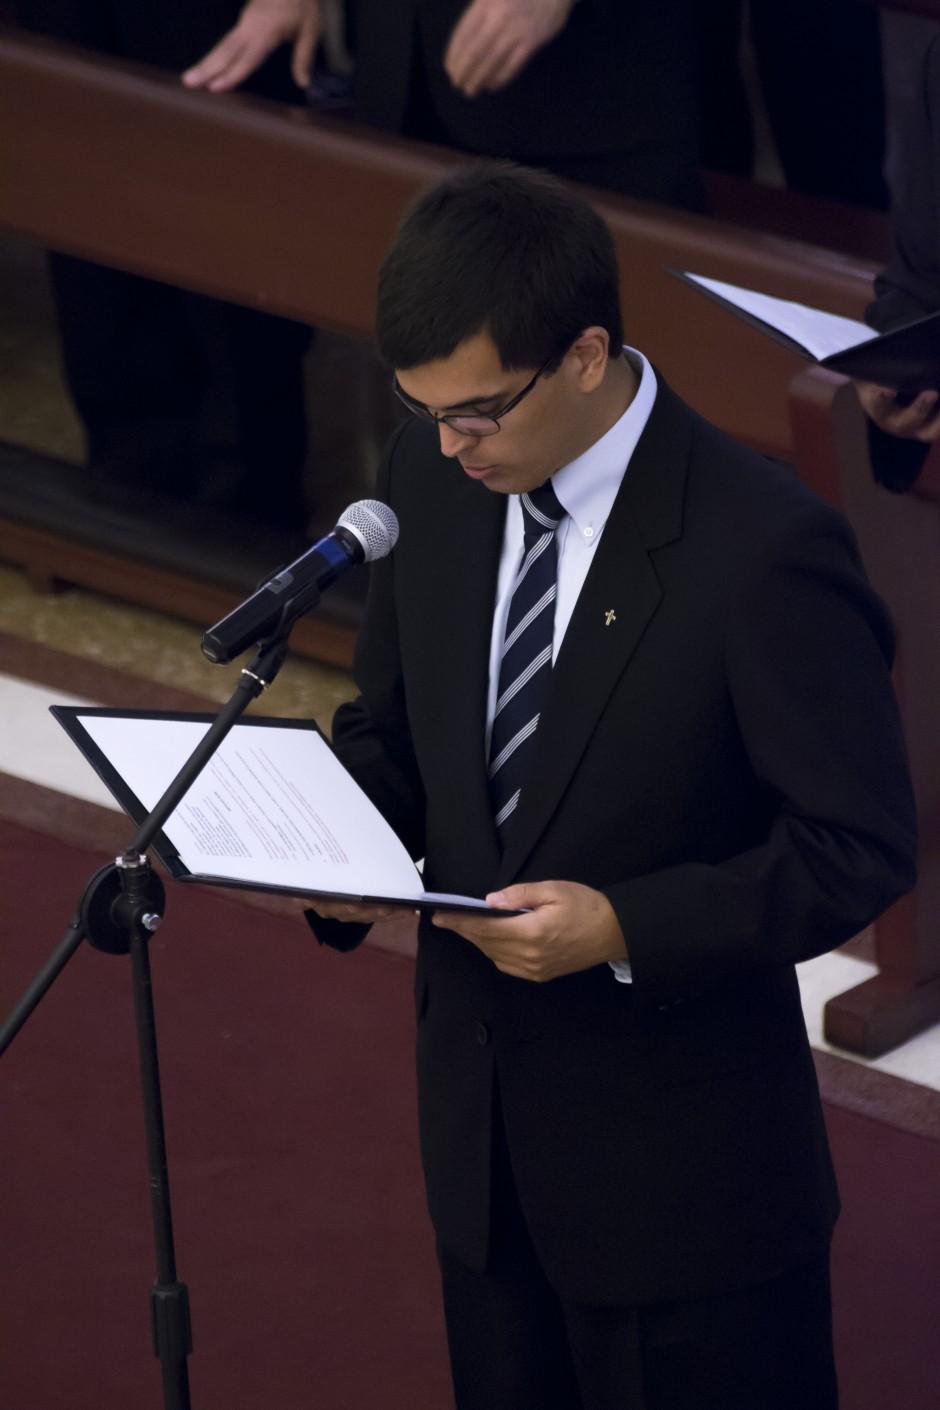 Profesión Perpetua de José Miguel Montoya y Mijailo Bokan en el Sodalicio de Vida Cristiana (3)